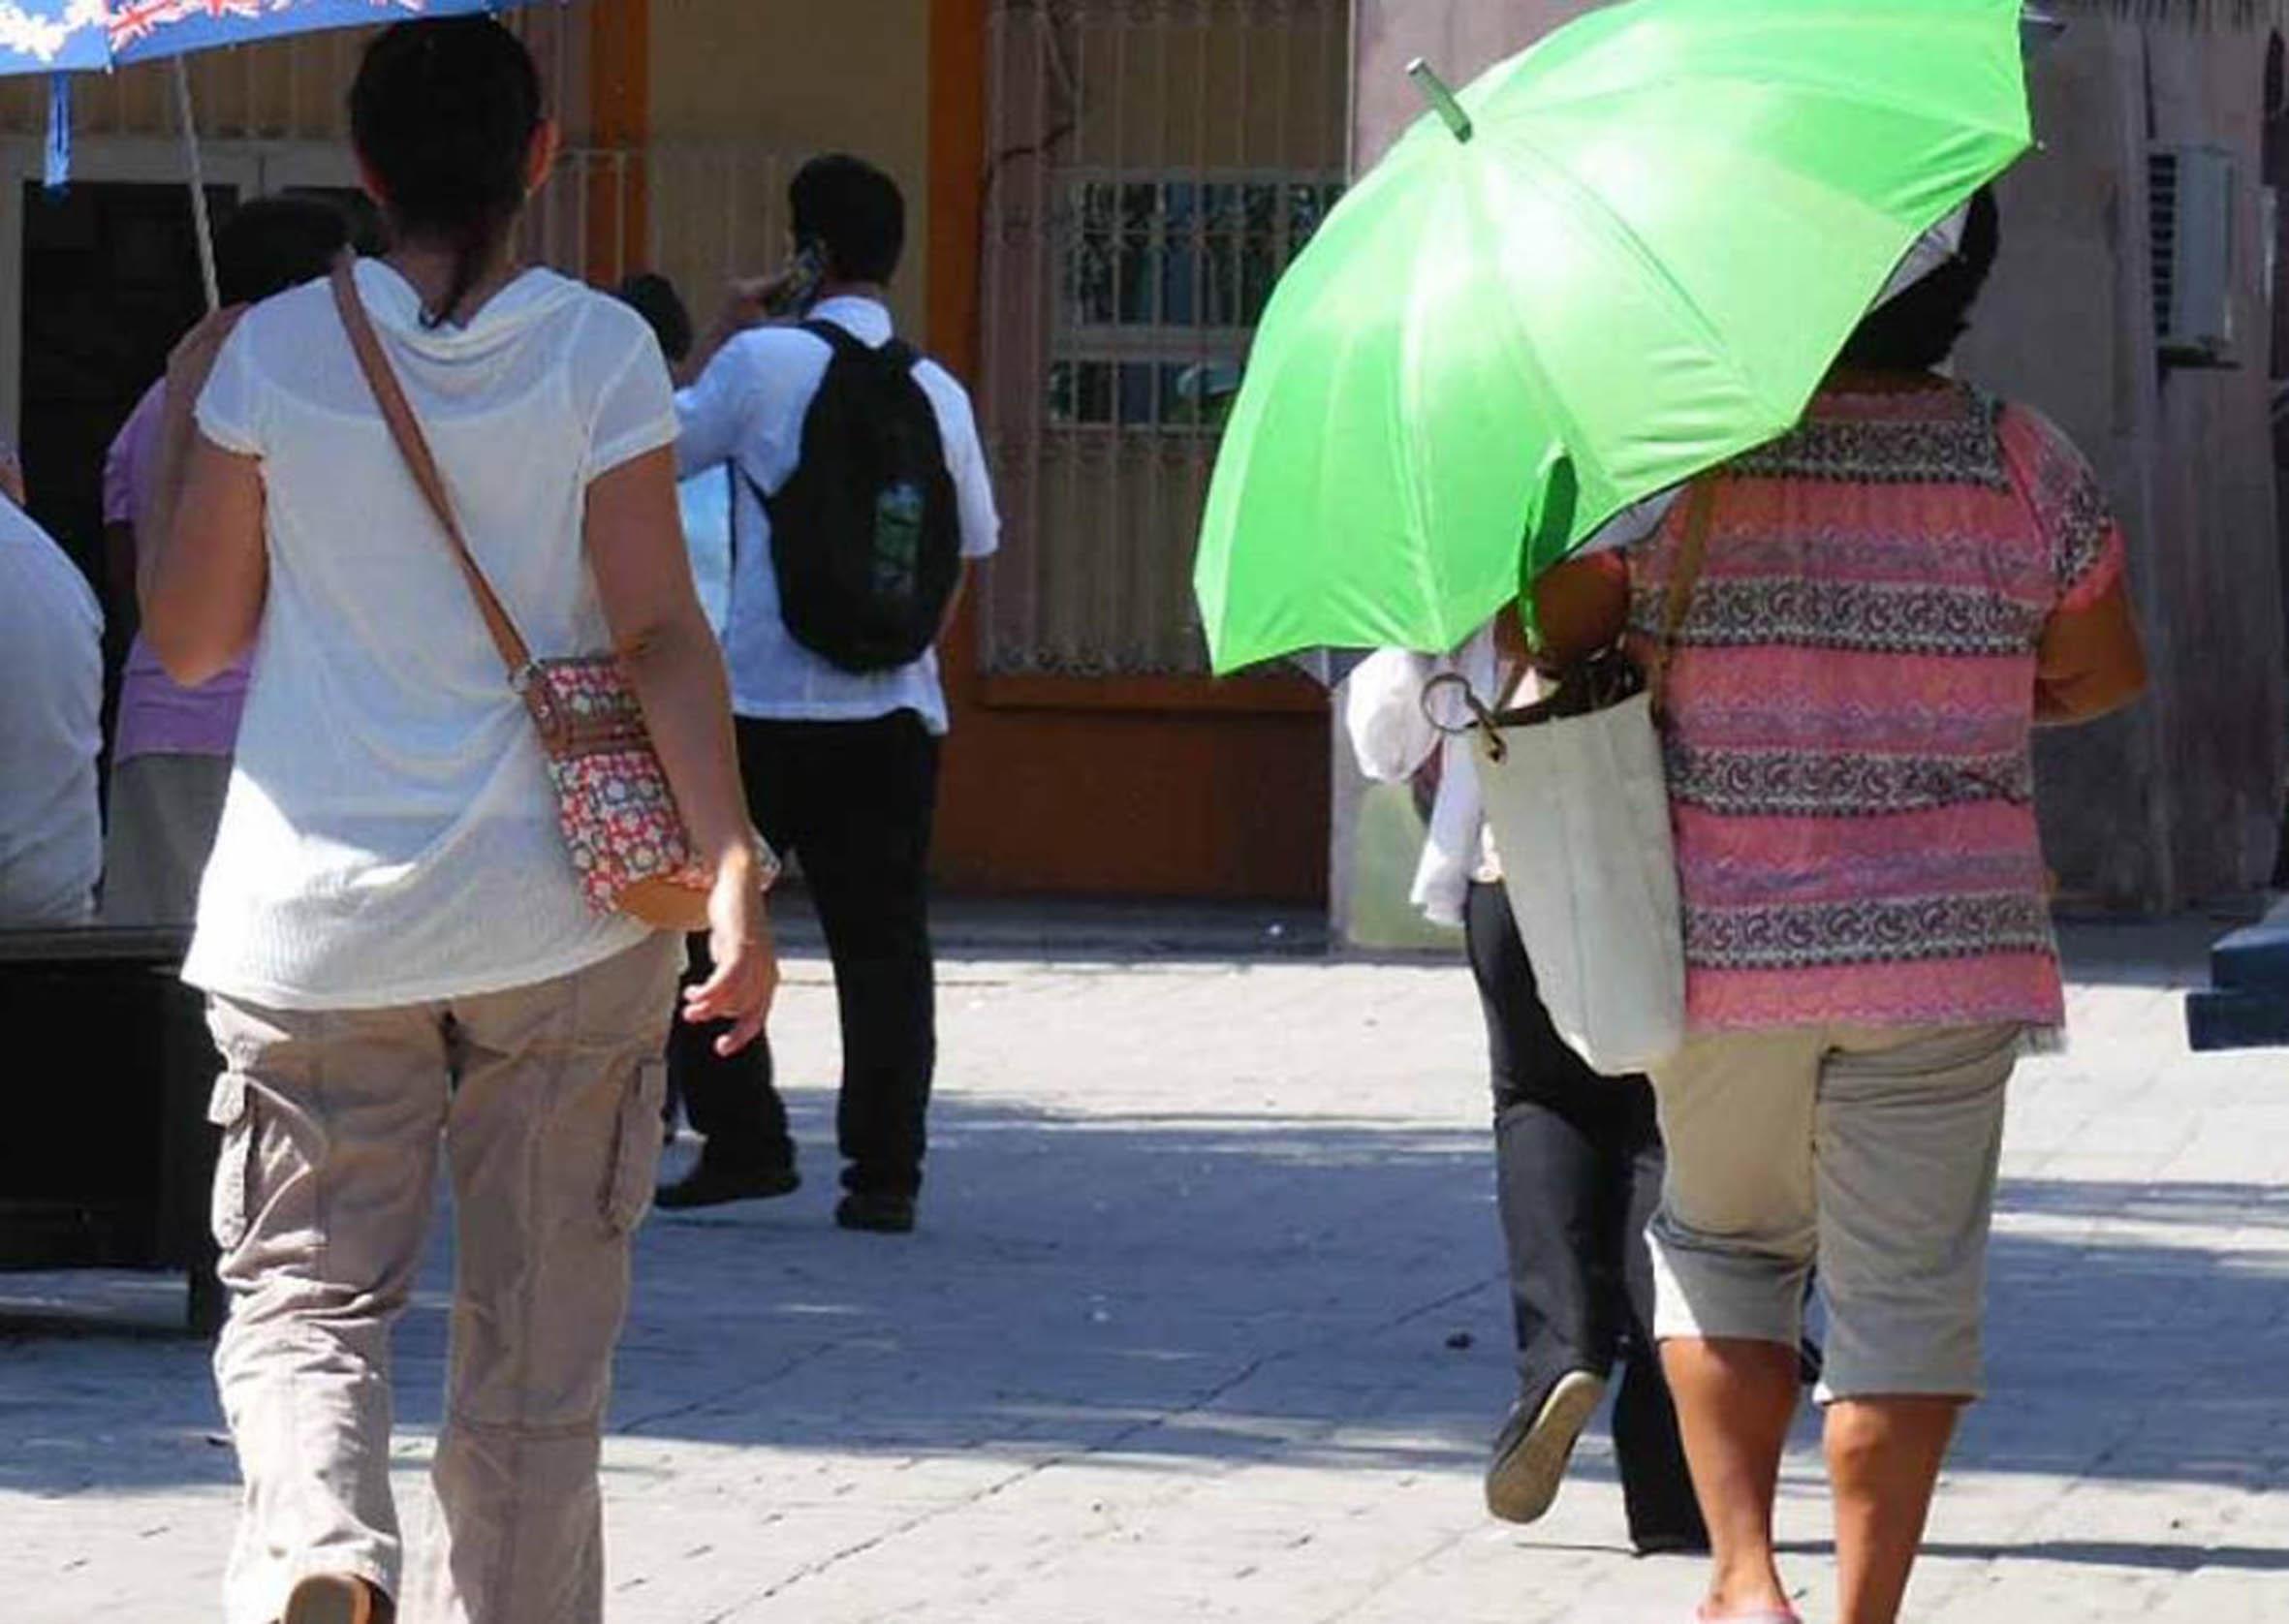 LAS ALTAS TEMPERATURAS EN MÉXICO NO SON INUSUALES, PERO SÍ LA FRECUENCIA DE LAS OLAS DE CALOR